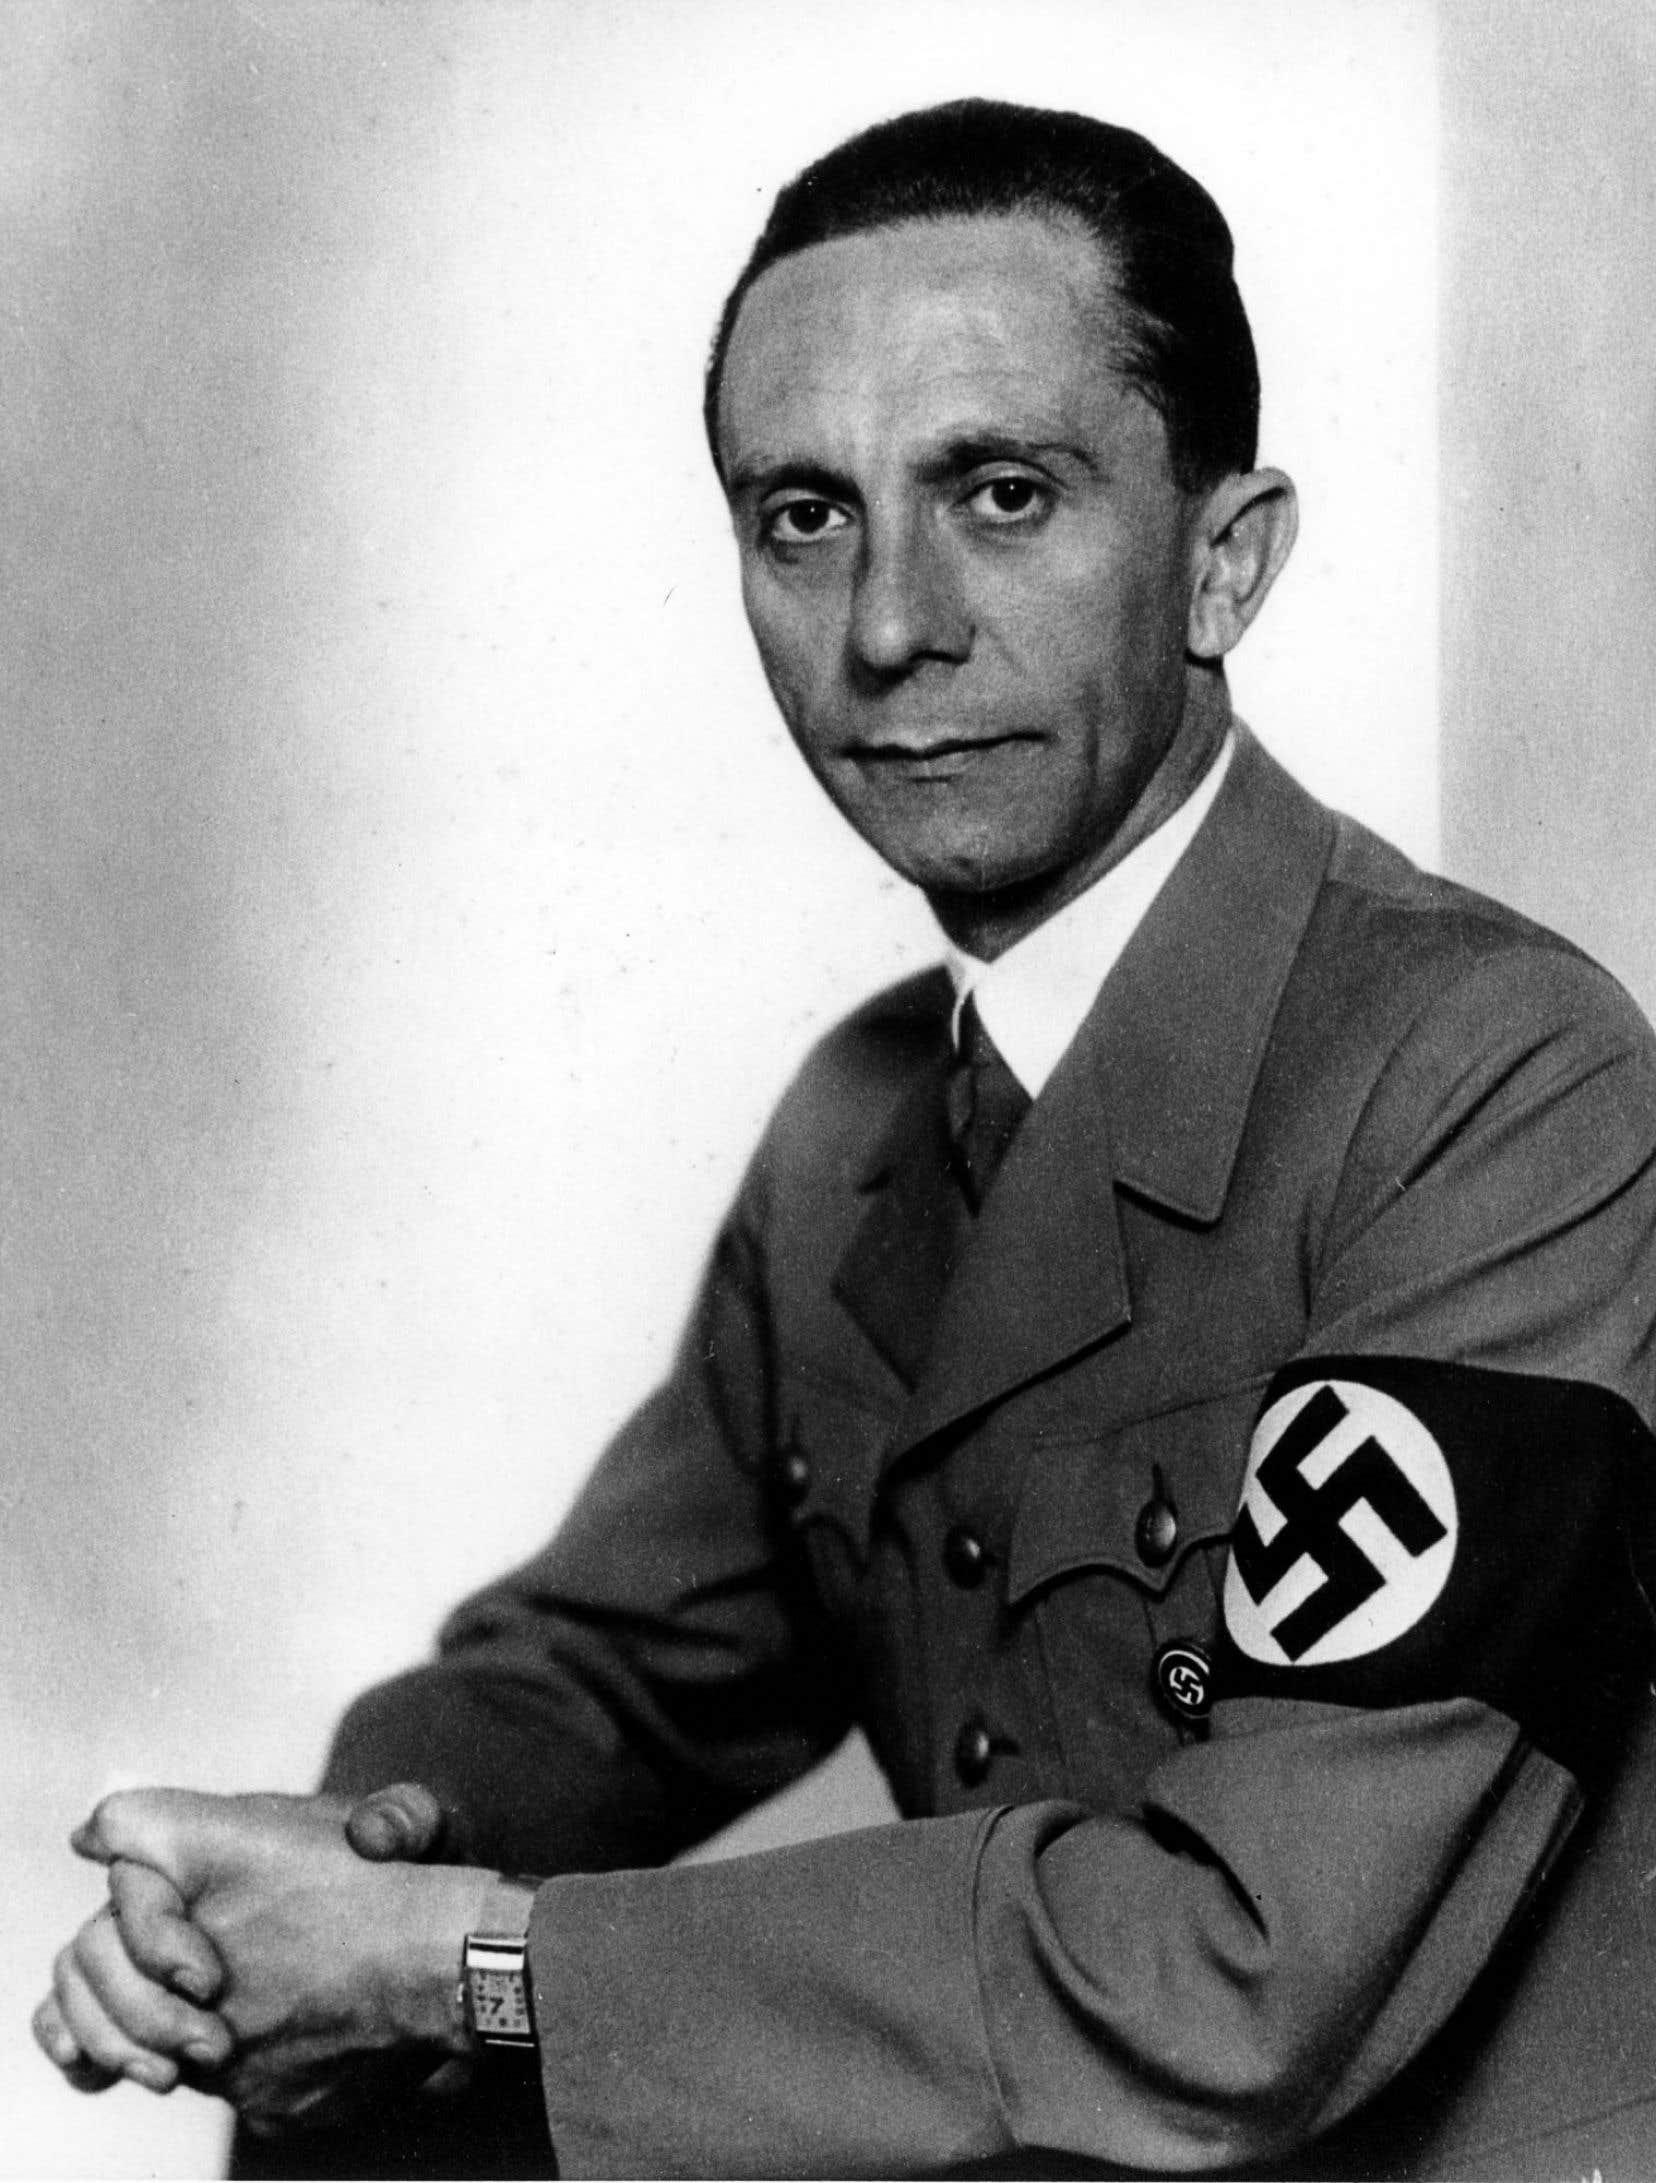 Au début des années 1940, Joseph Goebbels, le ministre de l'Éducation du peuple et de la Propagande, était aussi le directeur des studios de cinéma UFA-Babelsberg.